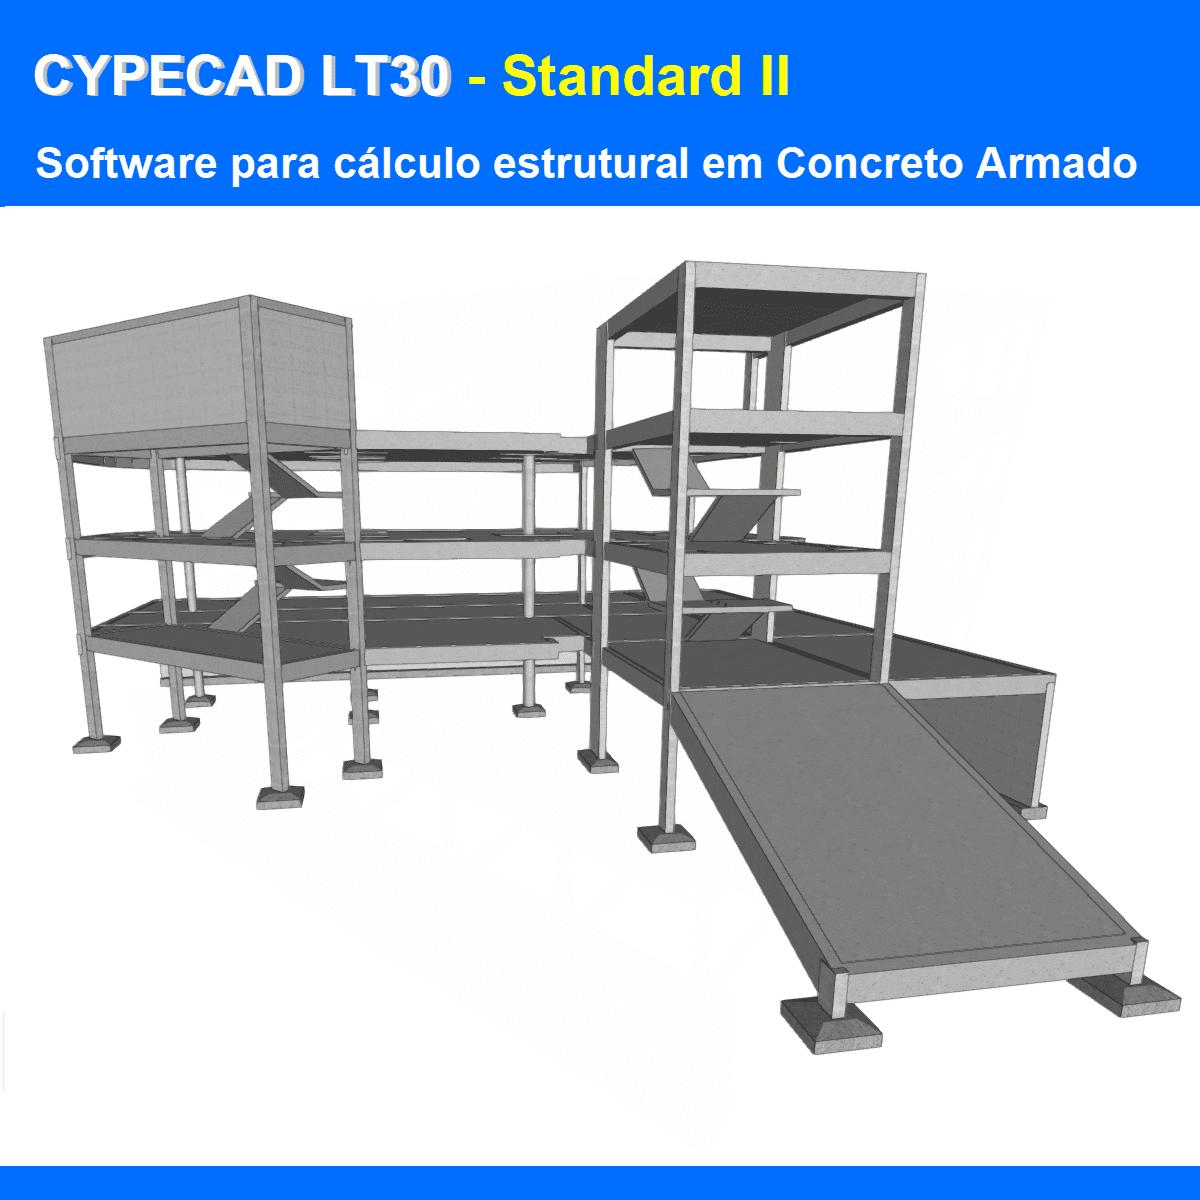 """Software CYPECAD LT30 Standard II versão 2021 (Licença Eletrônica) incluindo a modulação descrita em """"Itens Inclusos"""" a seguir  - MULTIPLUS SOFTWARES"""